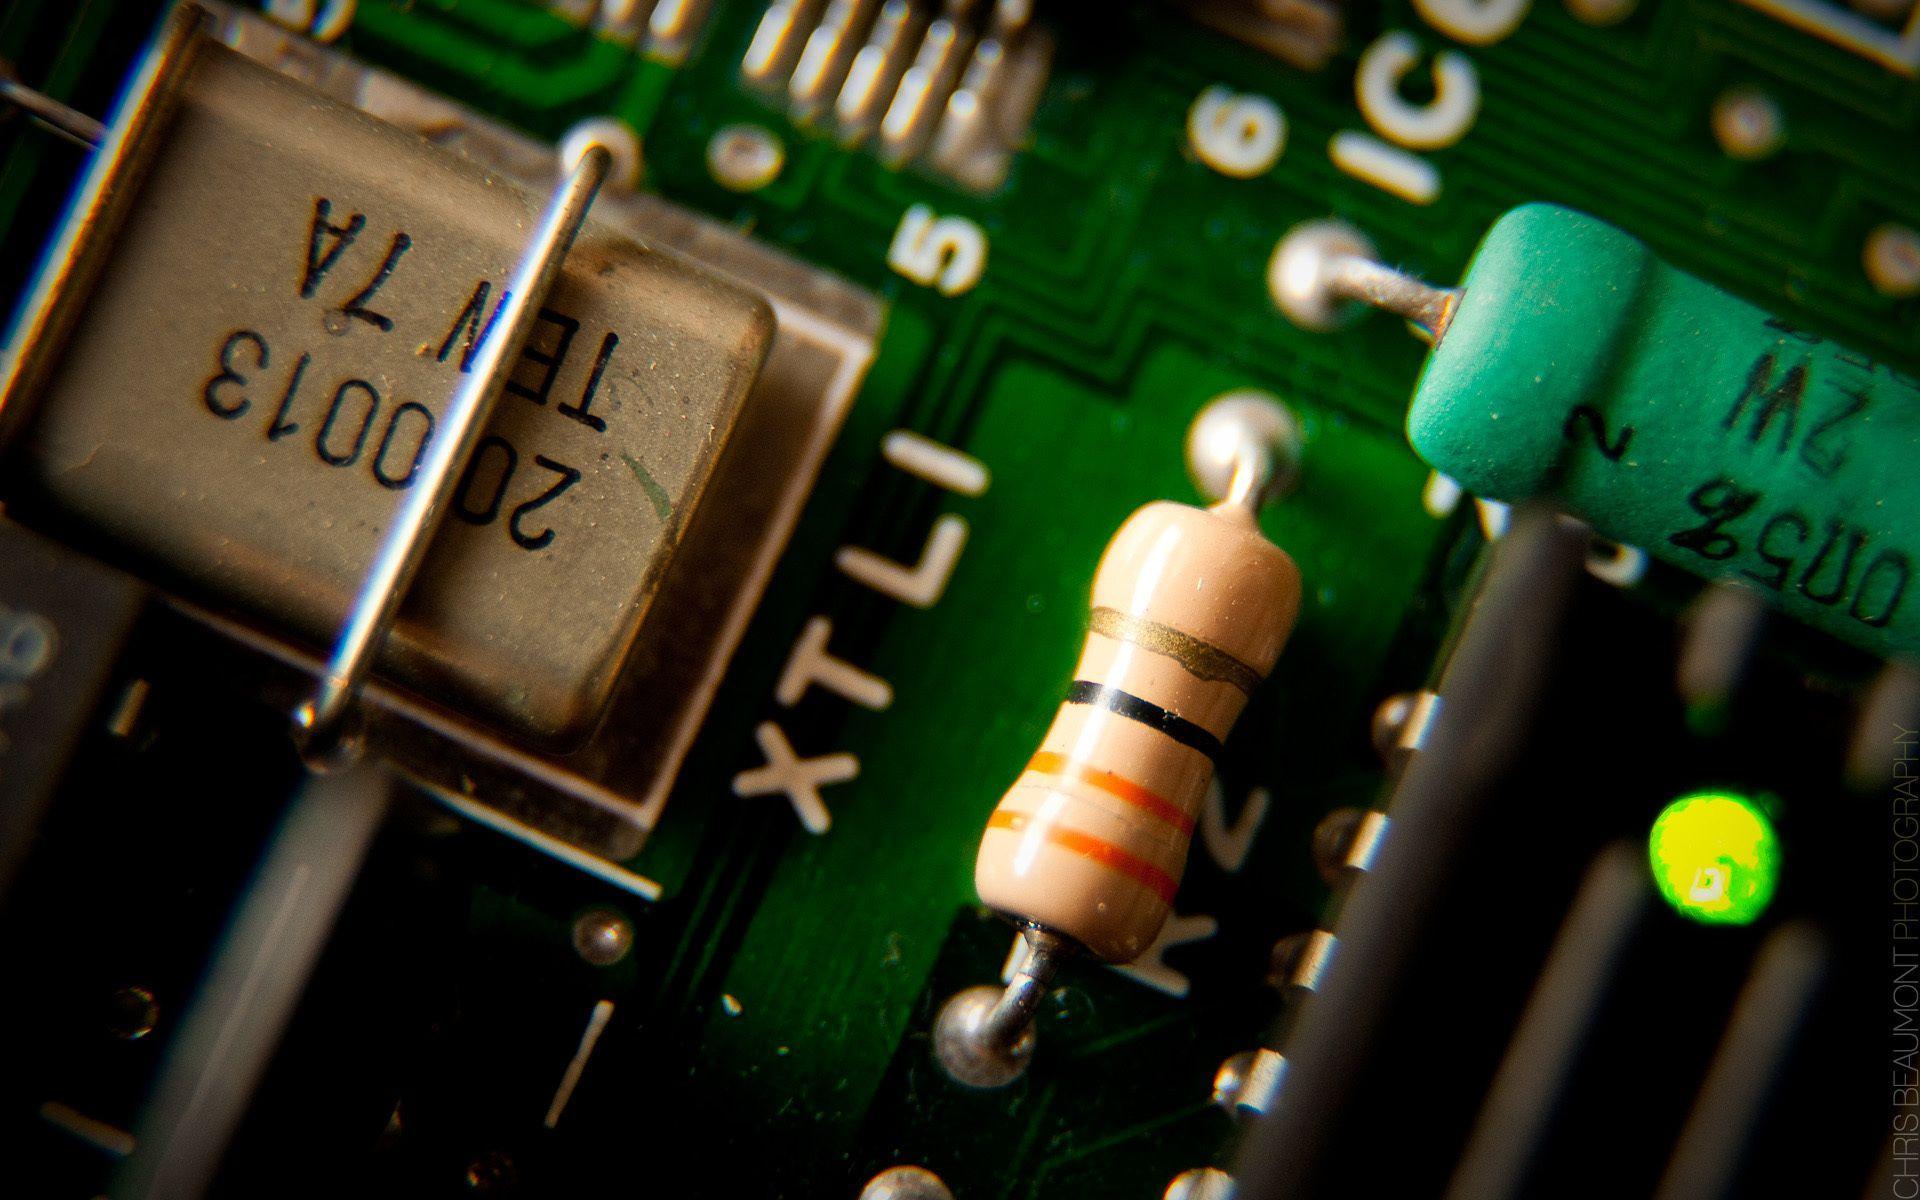 دانلود جزوه مدار الکتریکی- جزوات و منابع درس مدار الکتریکی